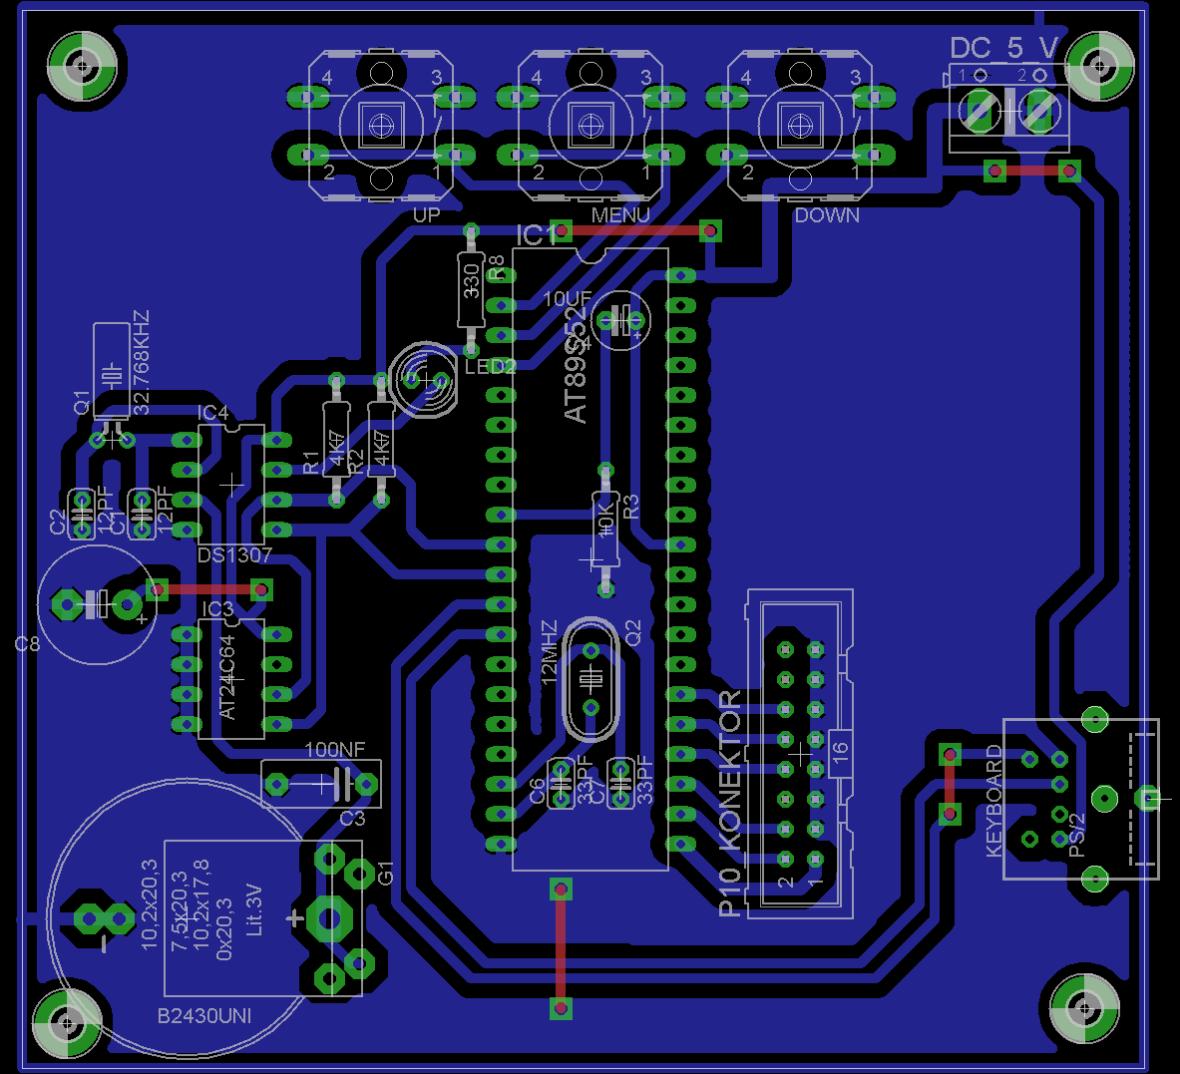 Board PCB